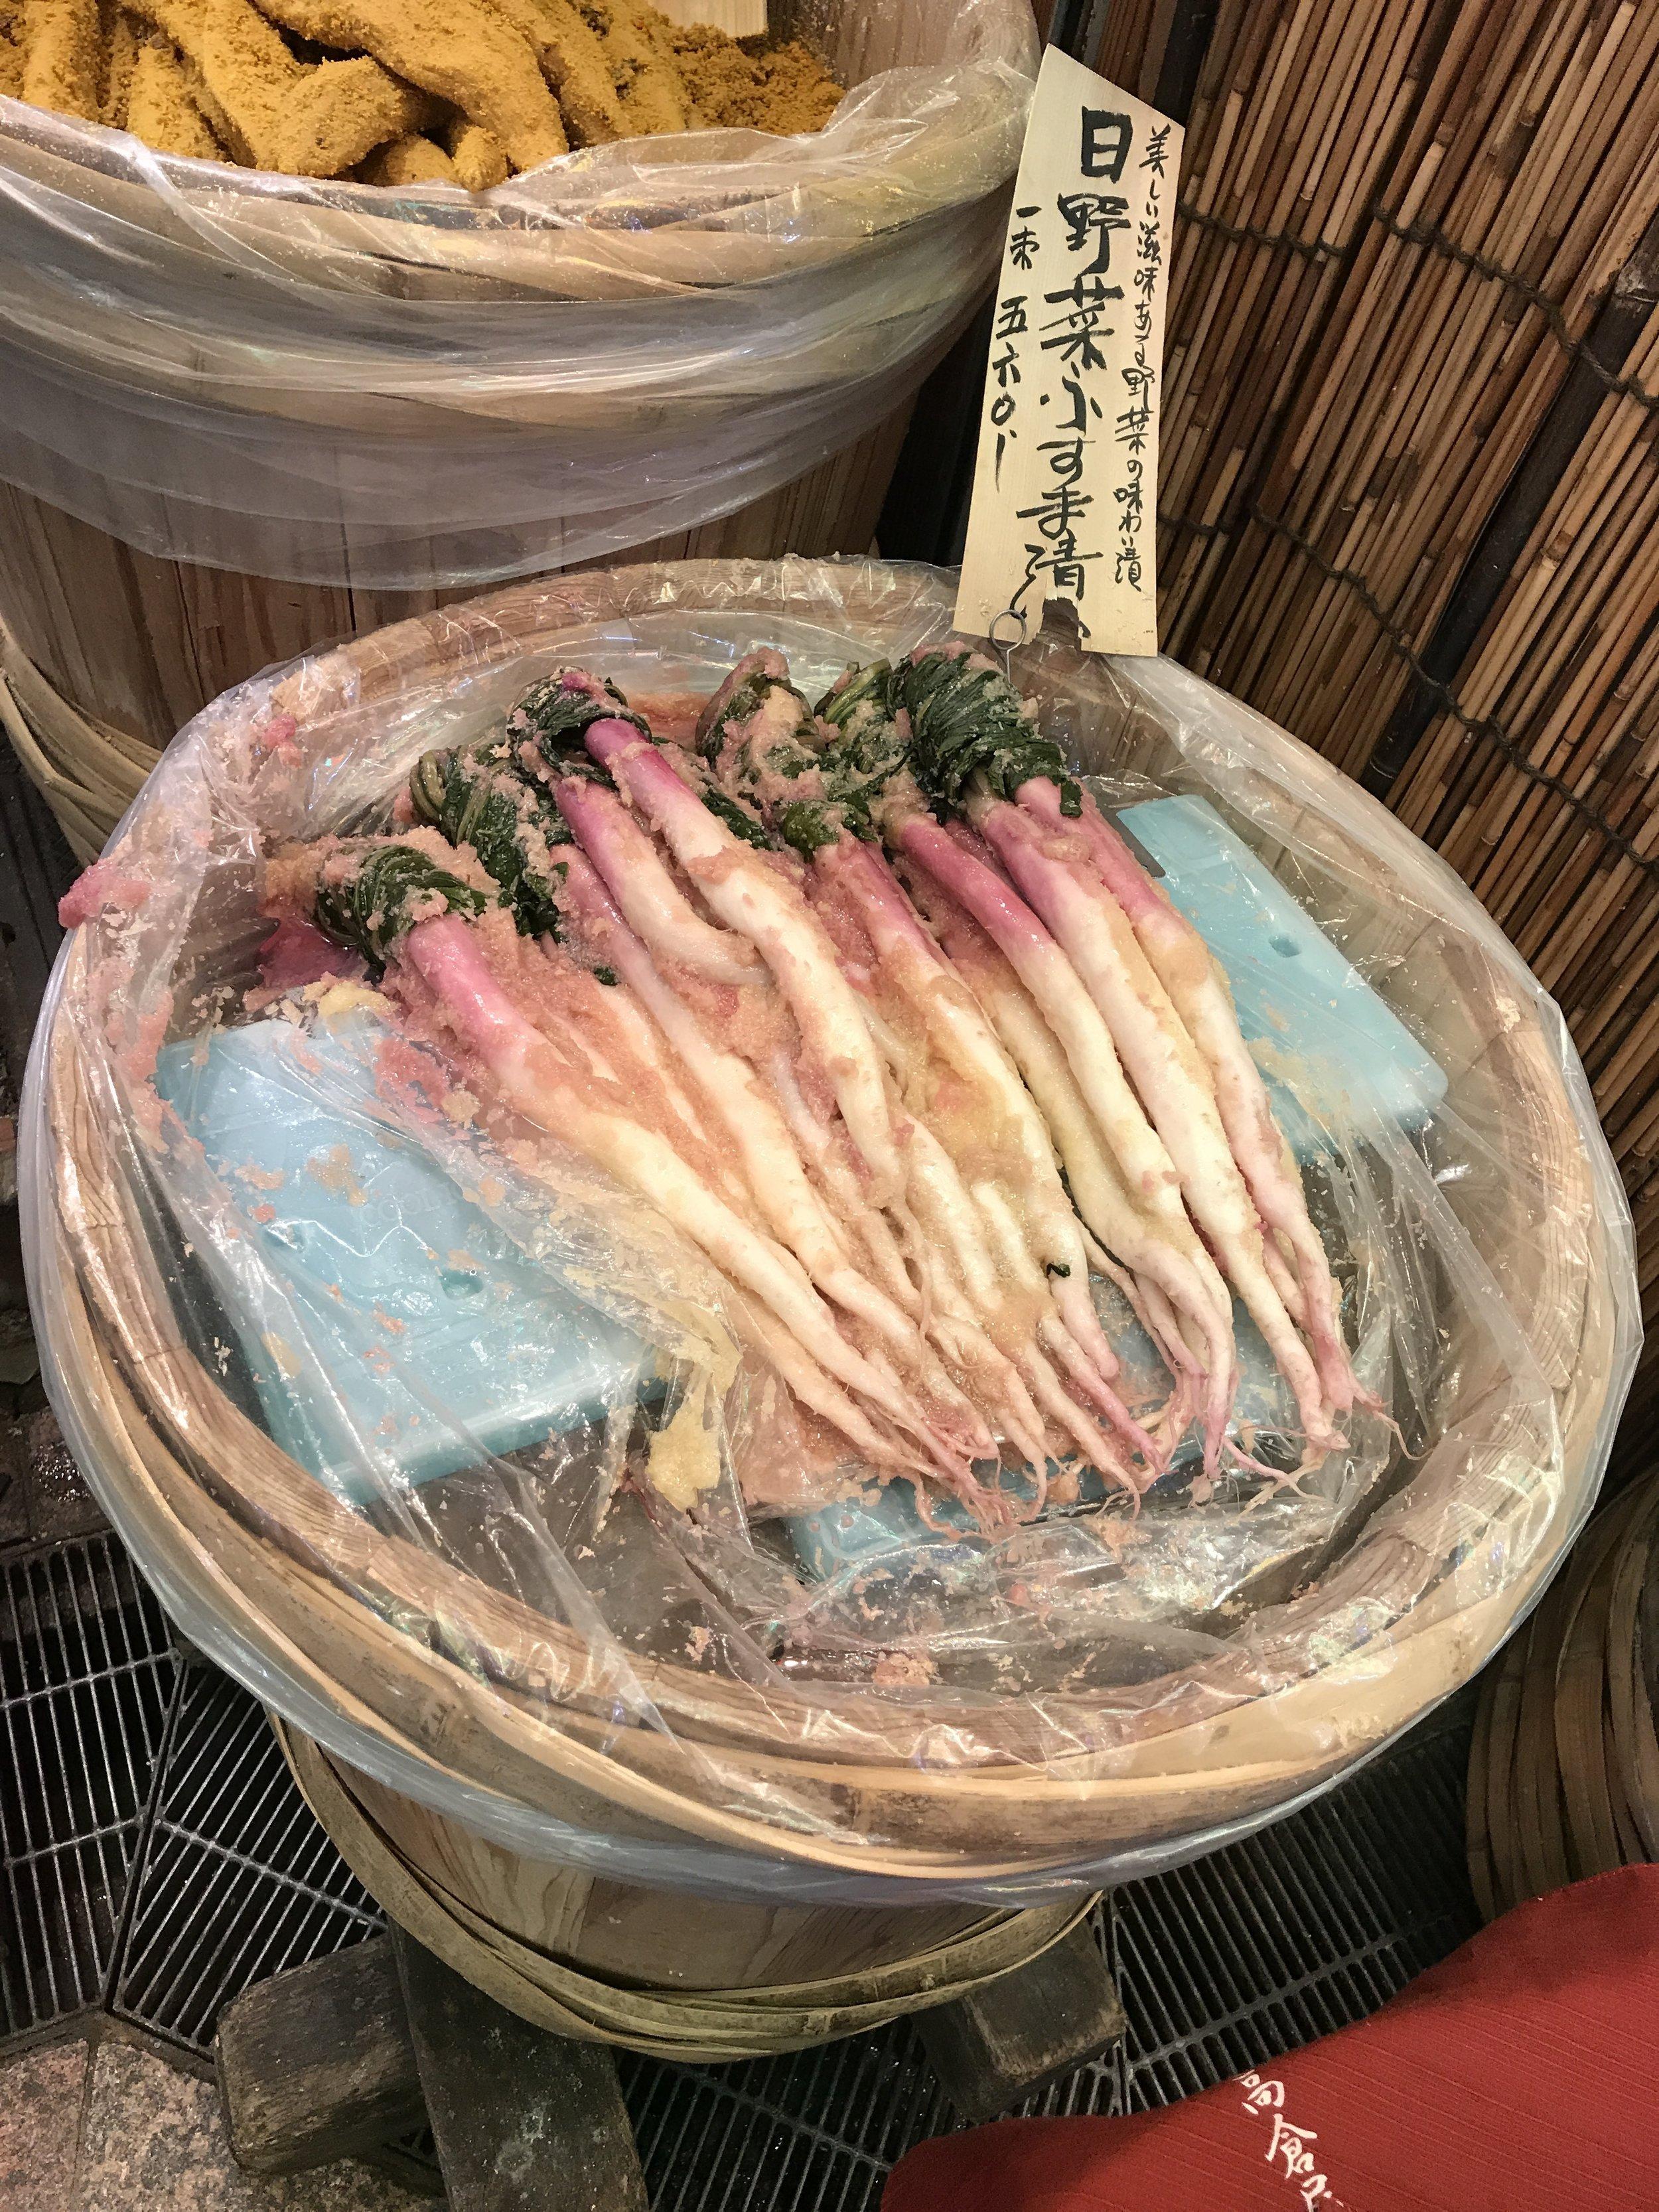 Kyoto food alley